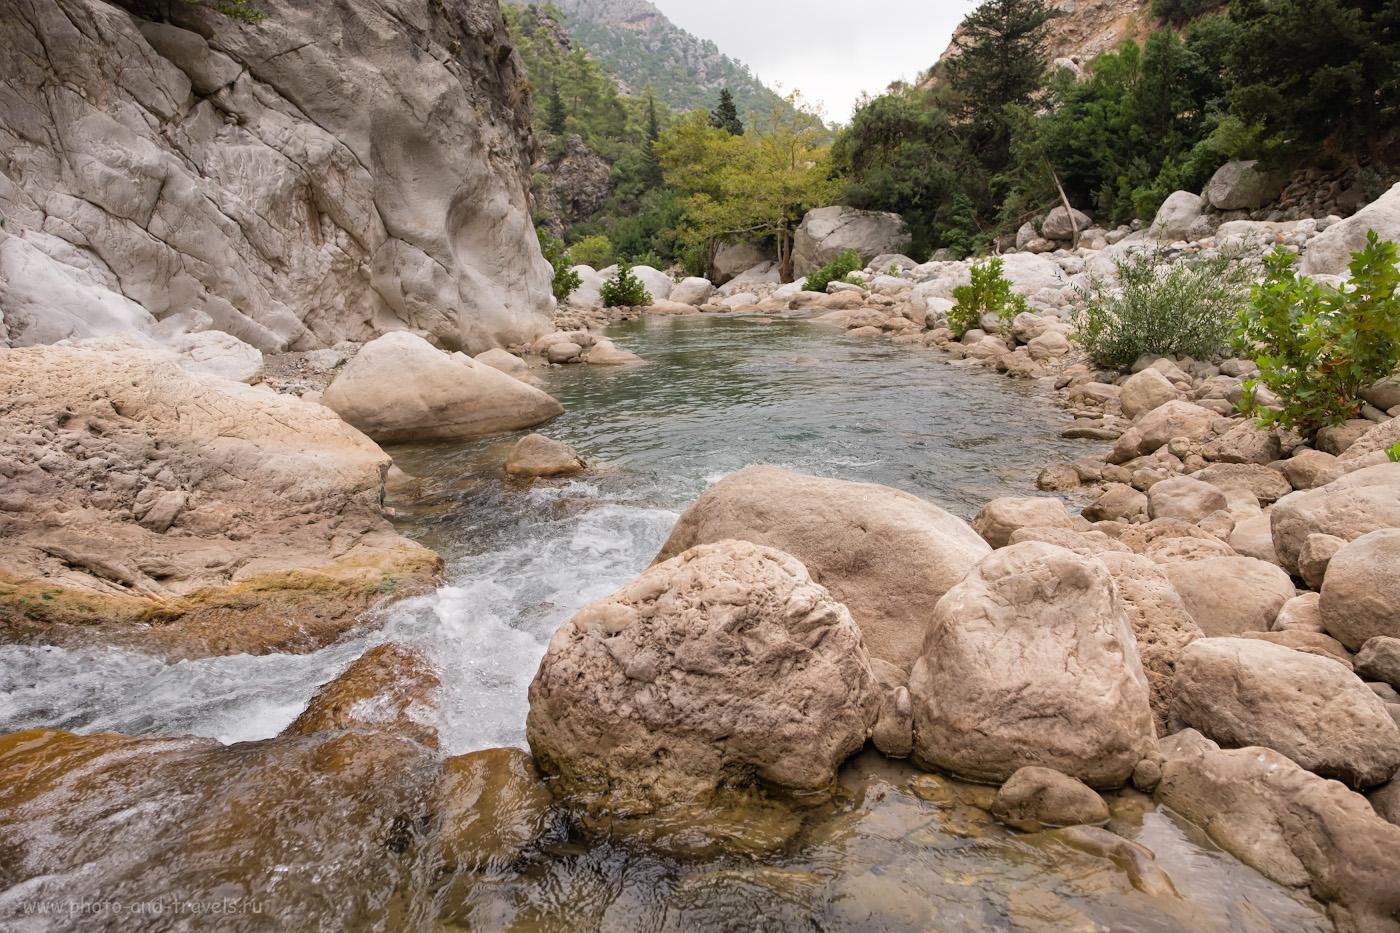 Фото 7. Валуны в русле реки Куздере в горах возле Кемера. Какие интересные места посмотреть на машине. 1/250, 3.2, 200, -0.33, 16.